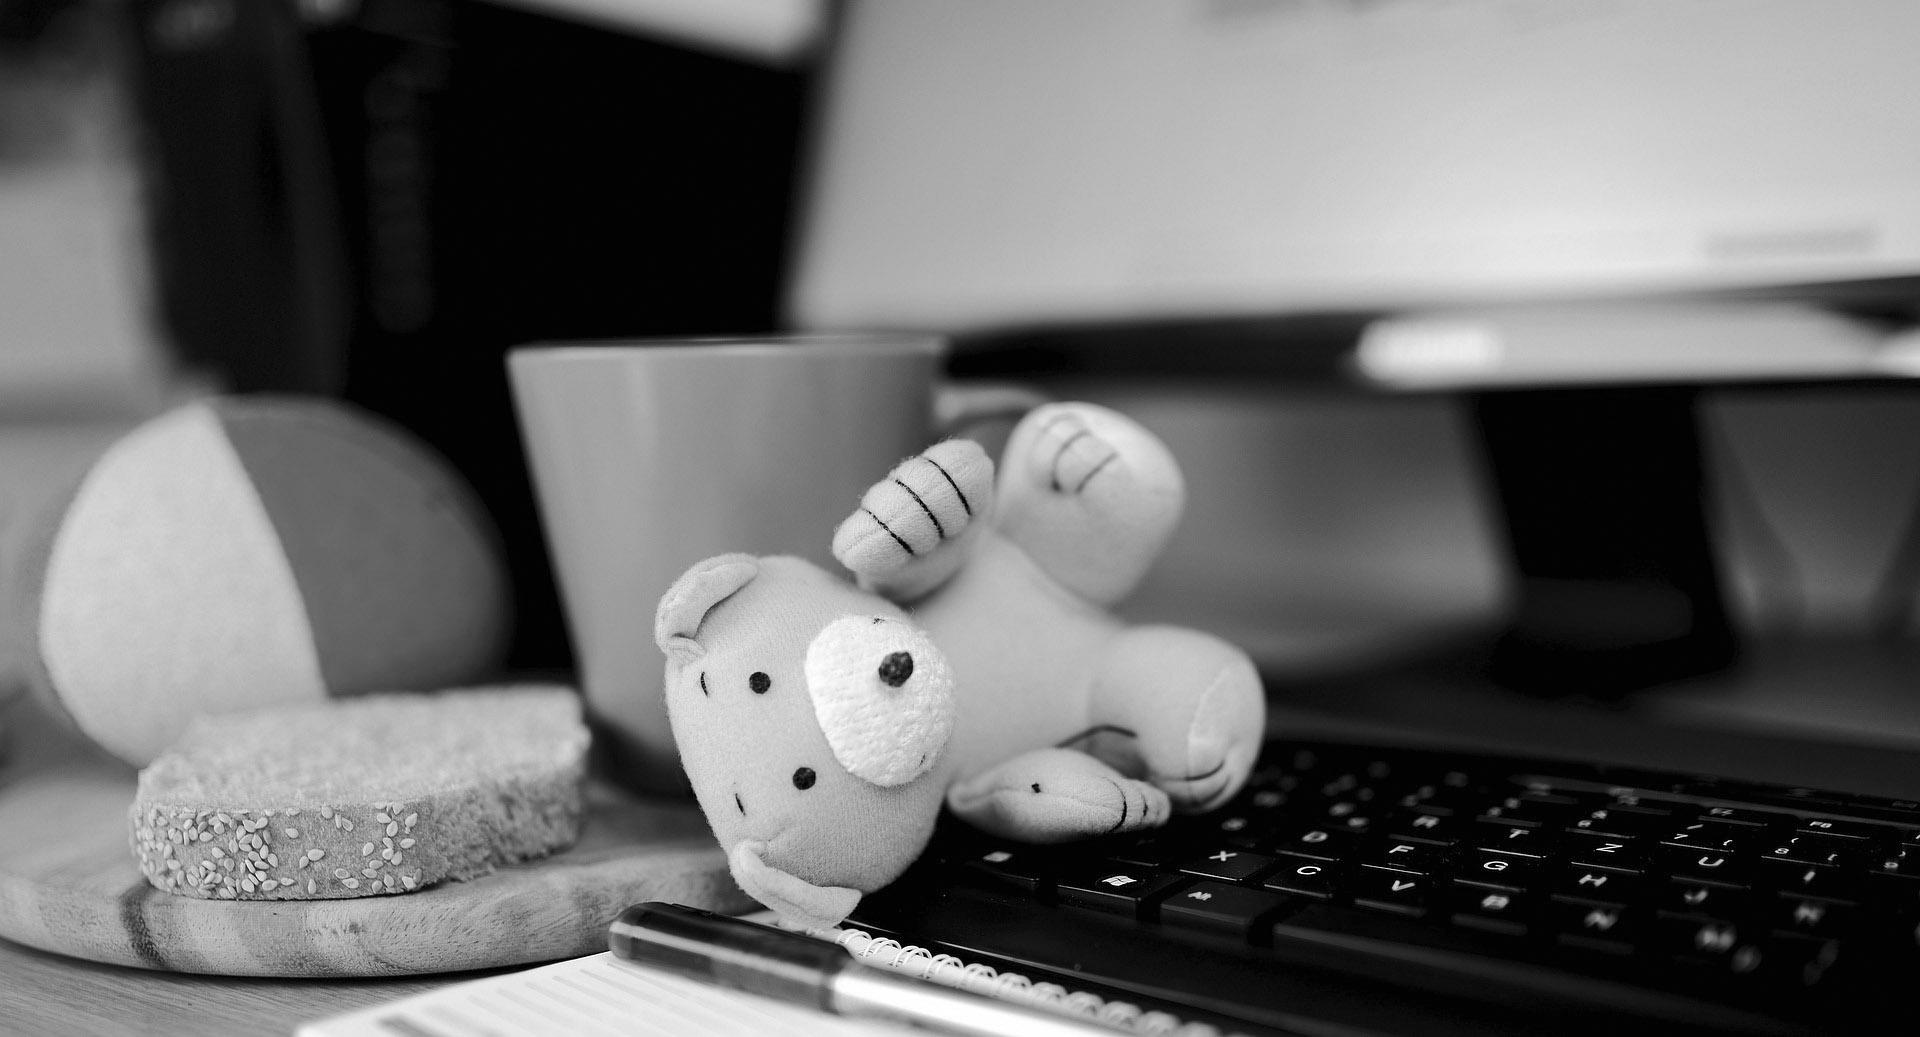 Arbeiten unter erschwerten Bedingungen in Pandemiezeiten. Das betrifft auch viele Restaurator:innen.  Foto: congerdesign, pixabay